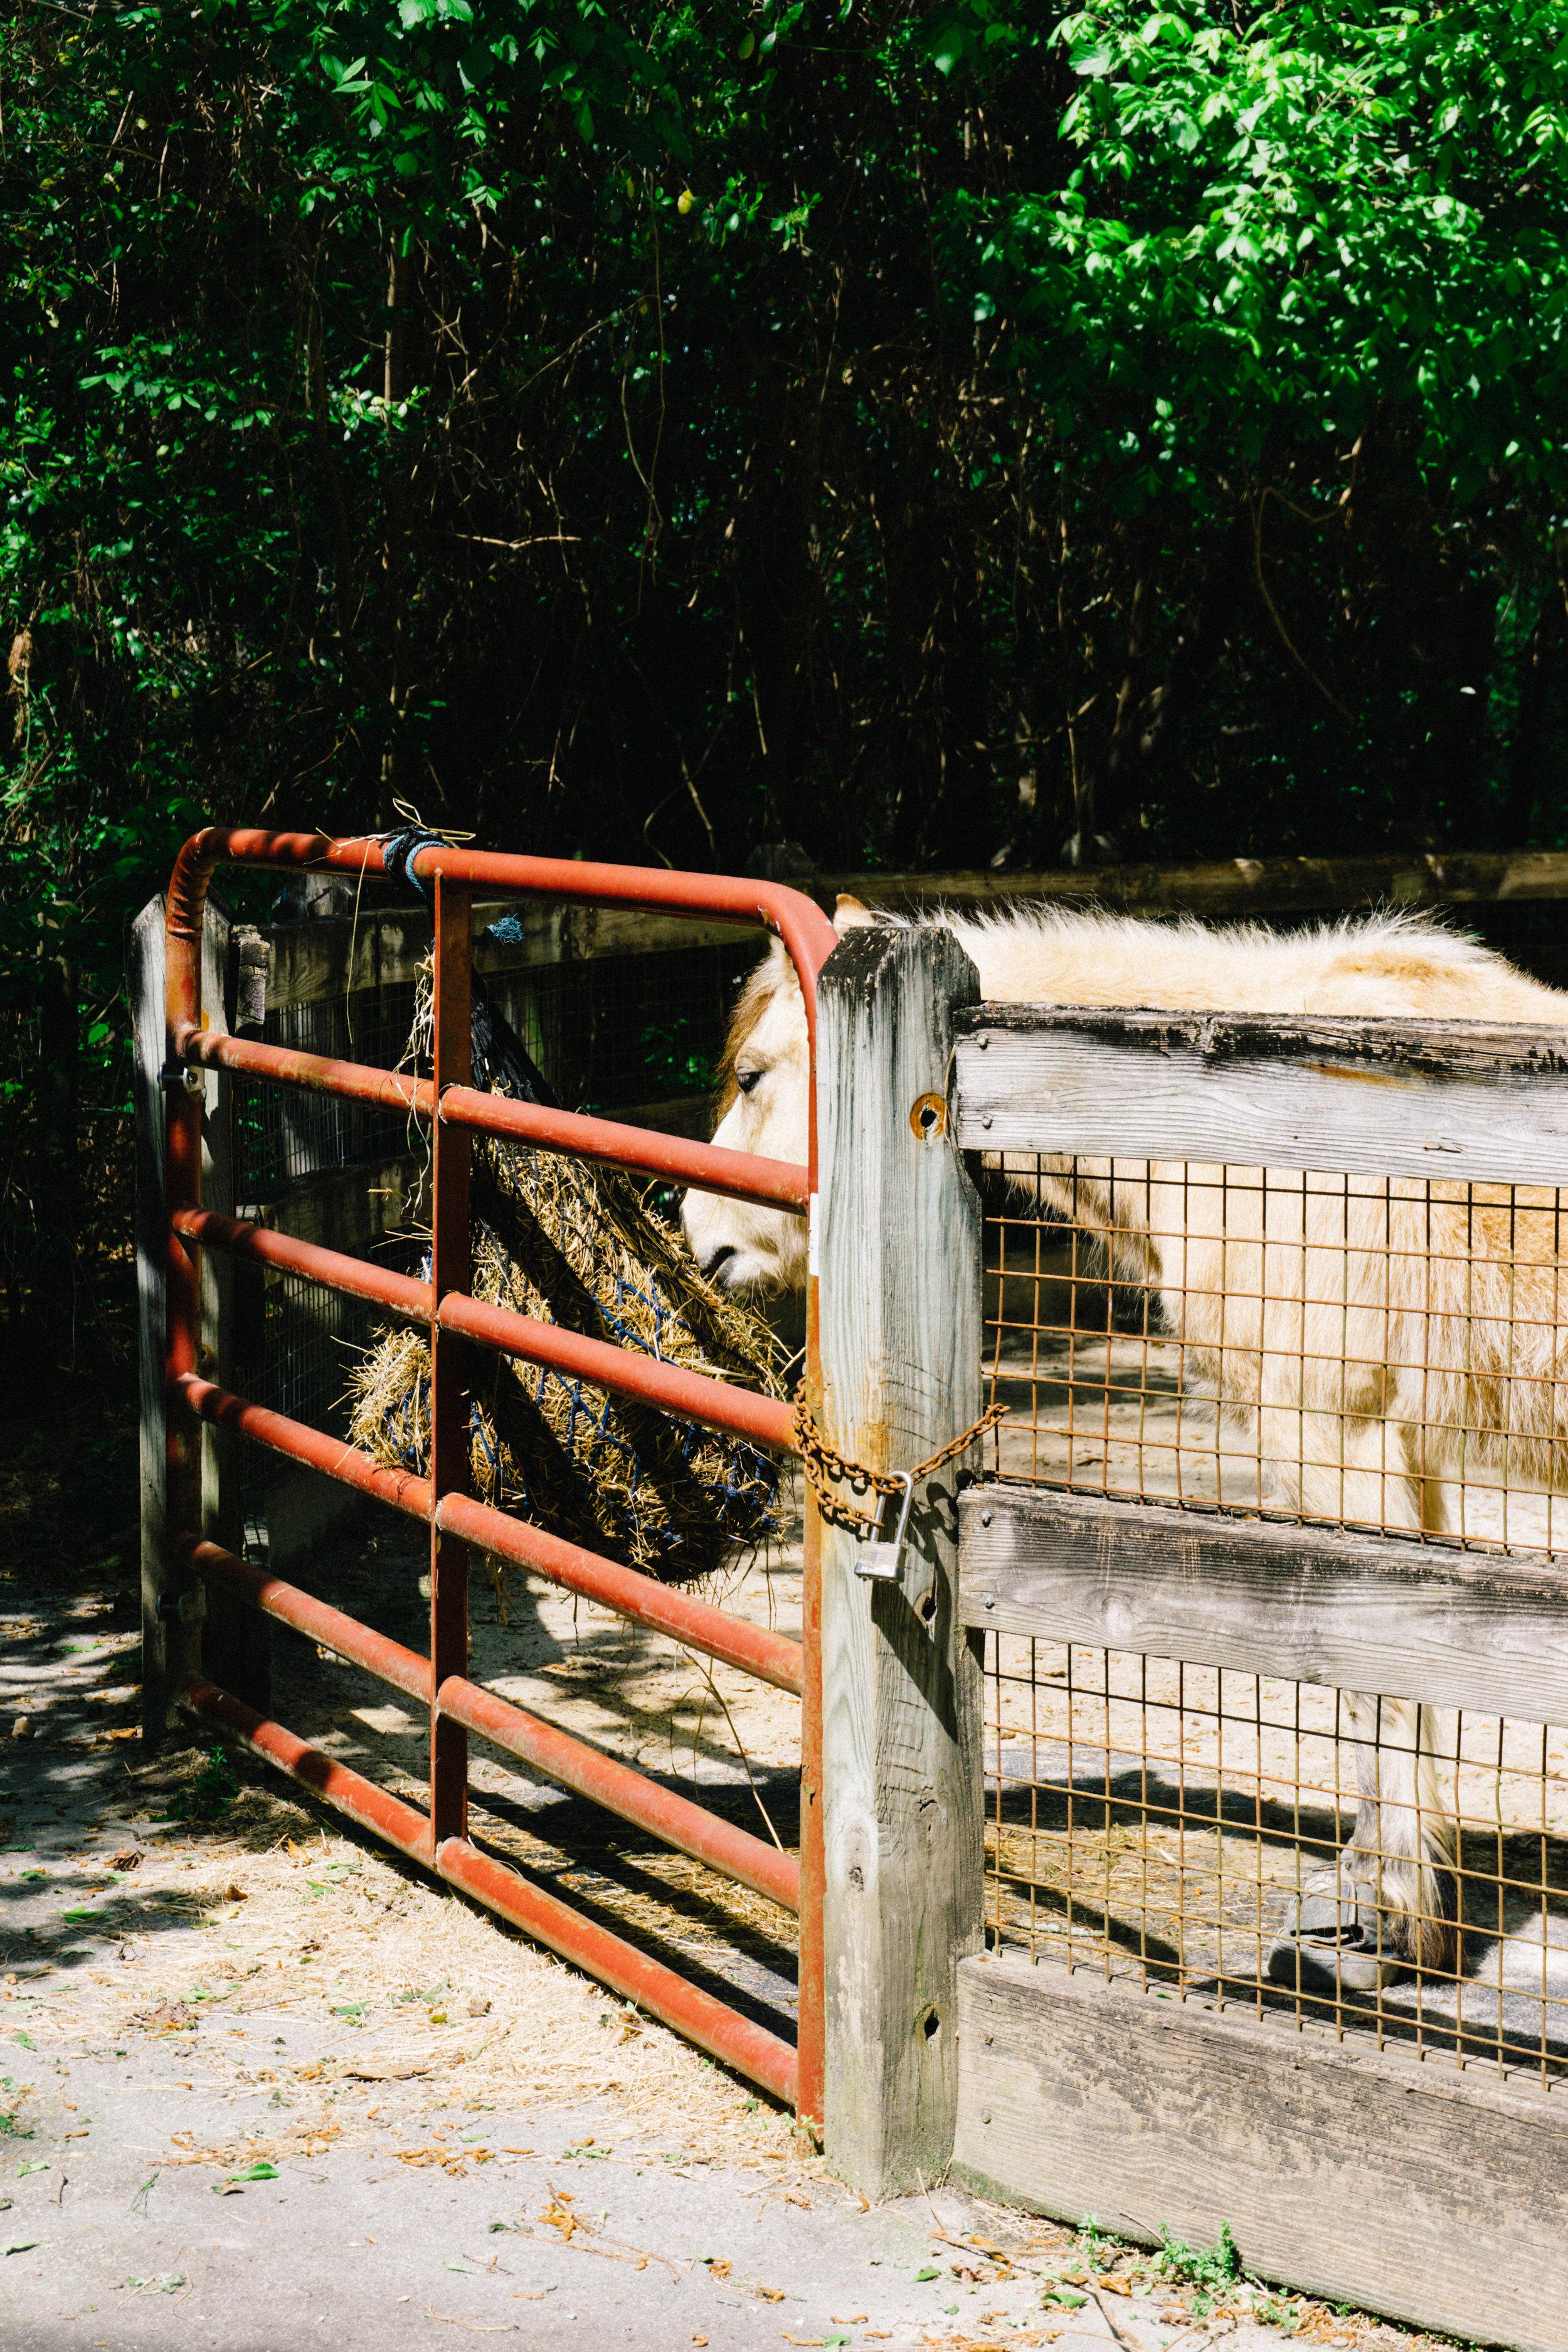 Horse at Riverbanks Zoo barnyard